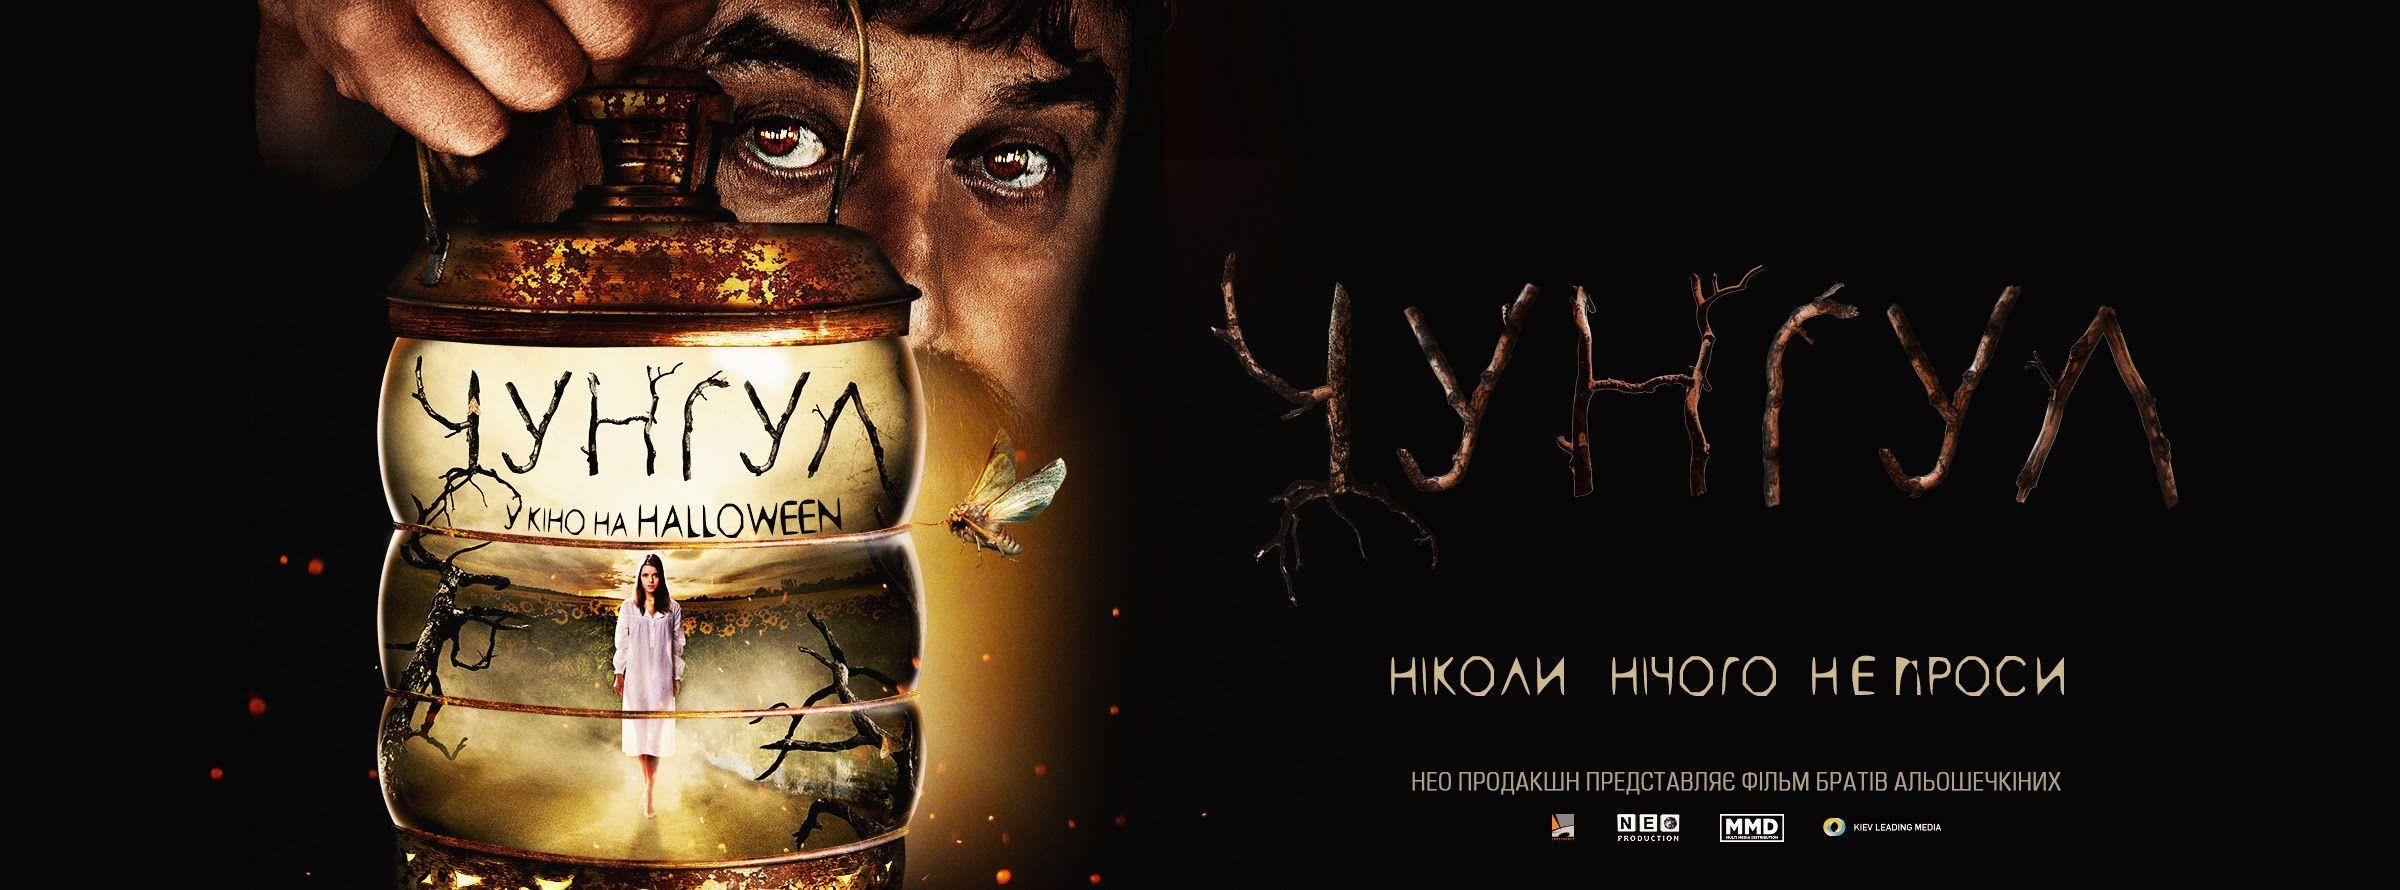 10 українських фільмів